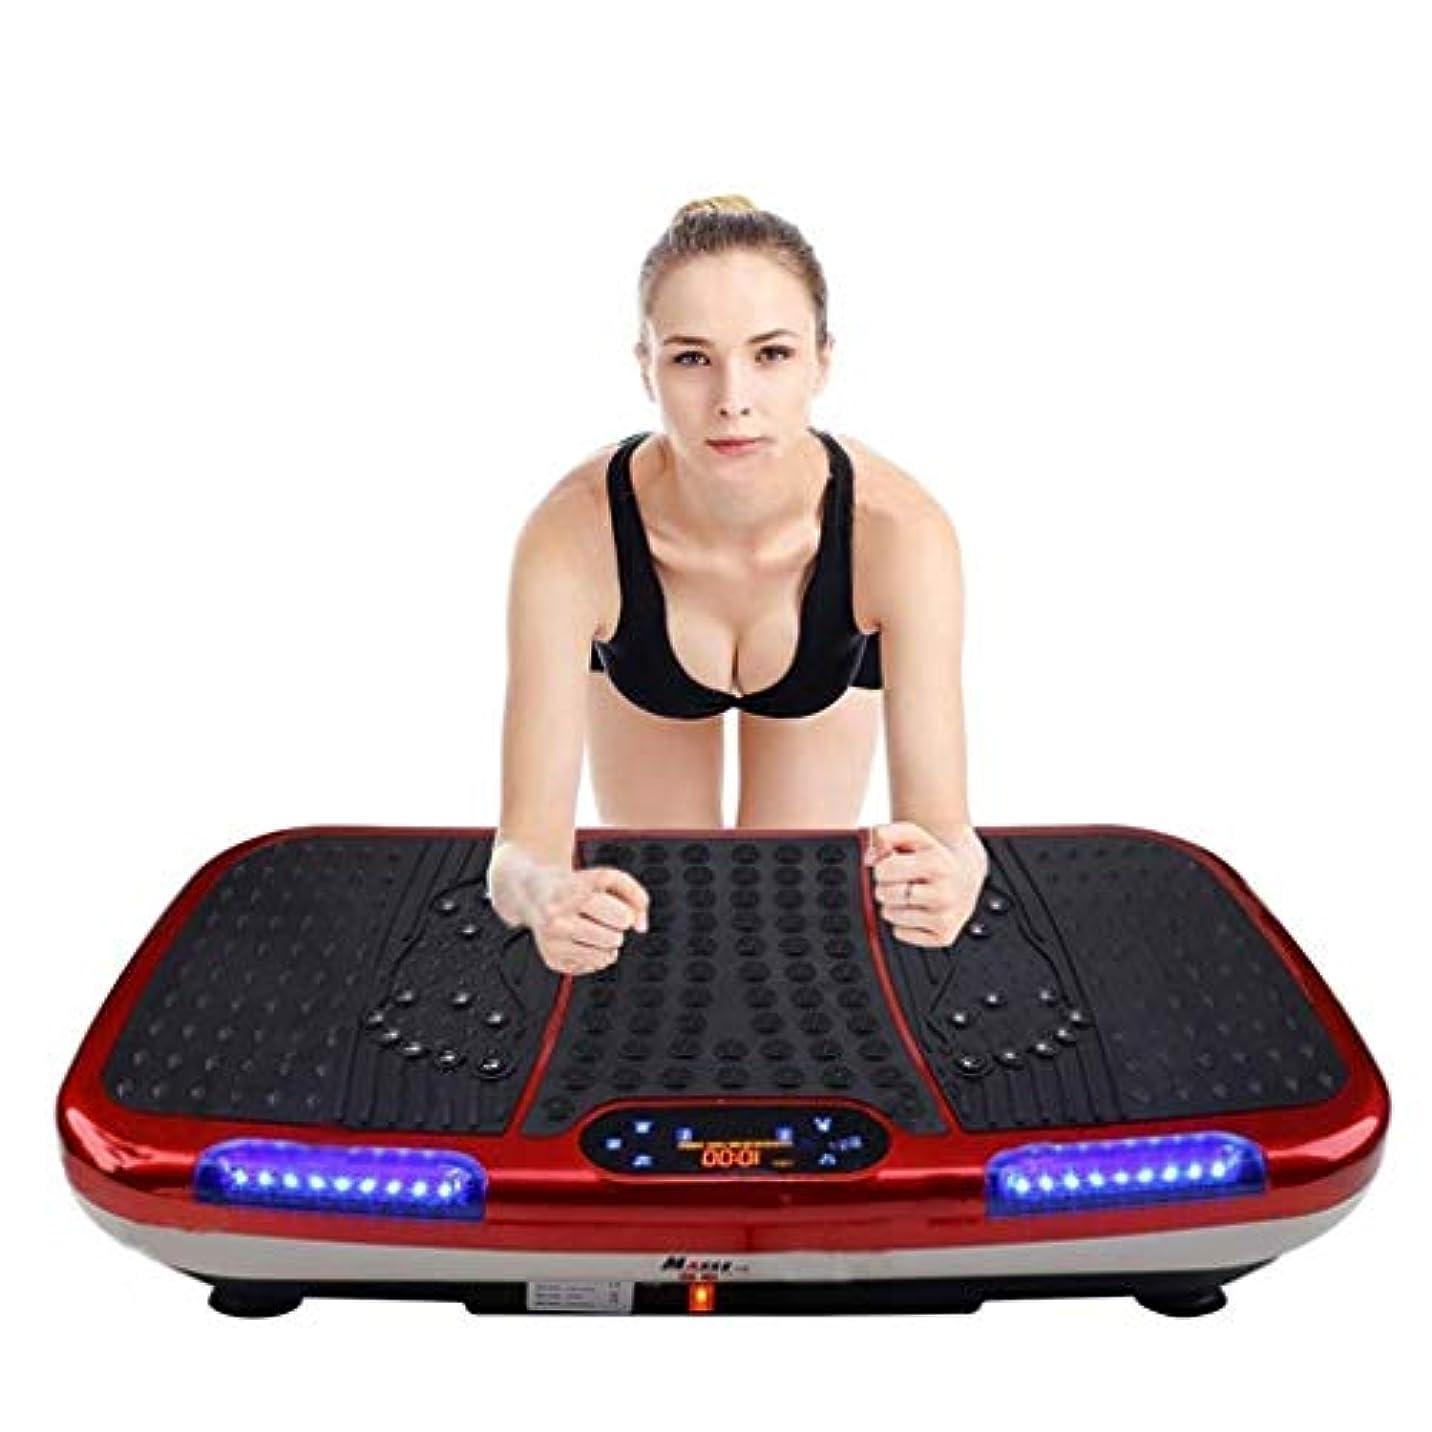 データムストッキングアライメント減量装置、全身フィットネス振動トレーナー、Bluetooth音楽スピーカー、過剰な脂肪を減らすホームジム